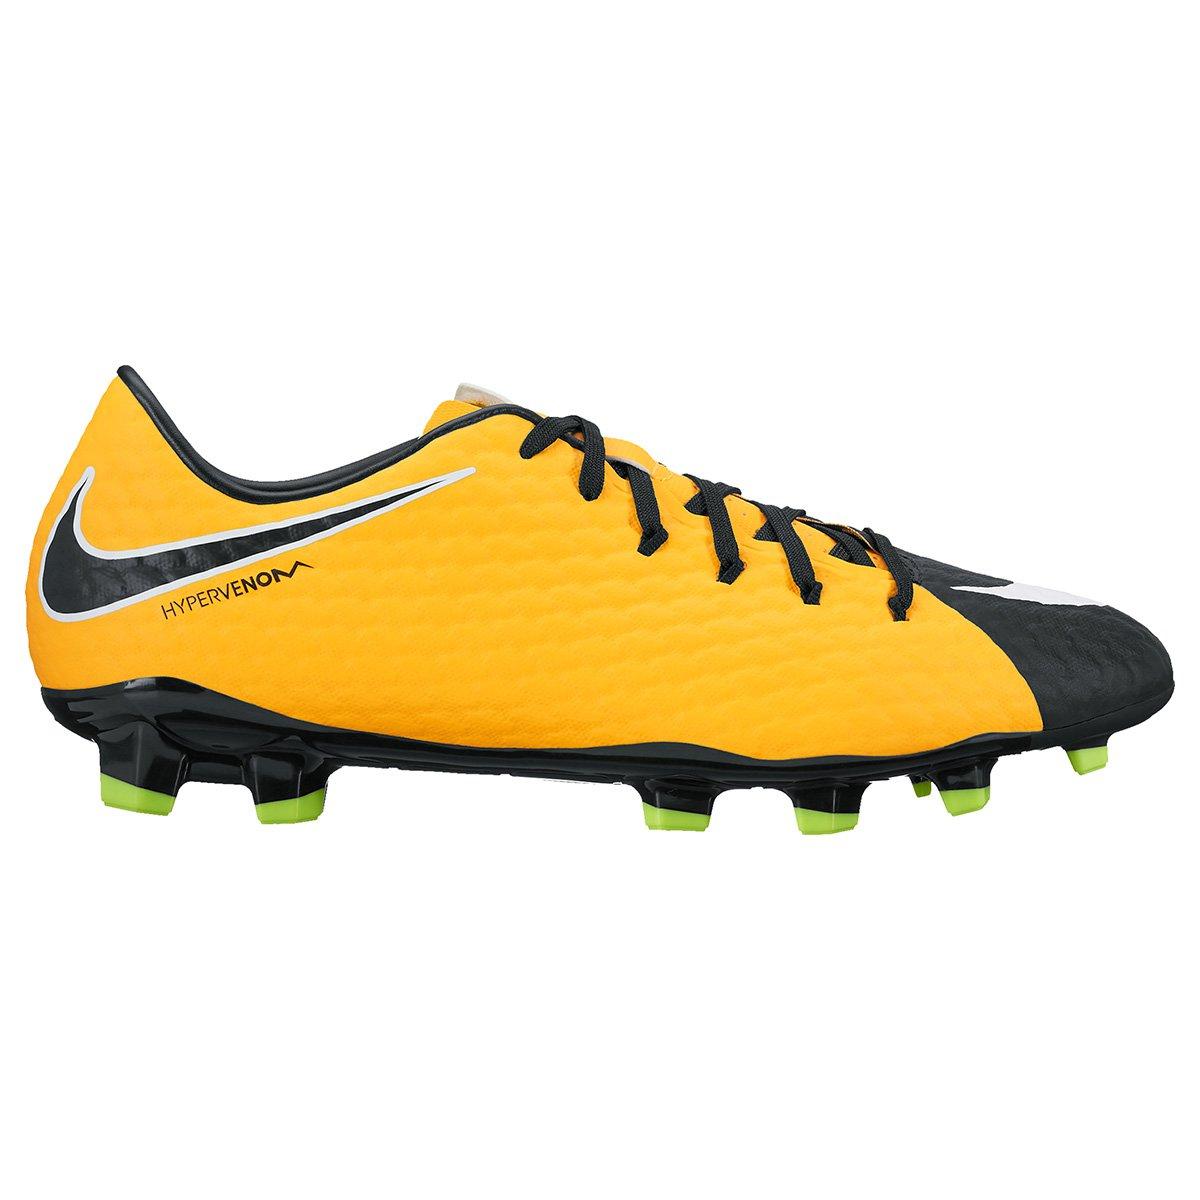 1c8dbe9d4b Chuteira Campo Nike Hypervenom Phelon 3 FG